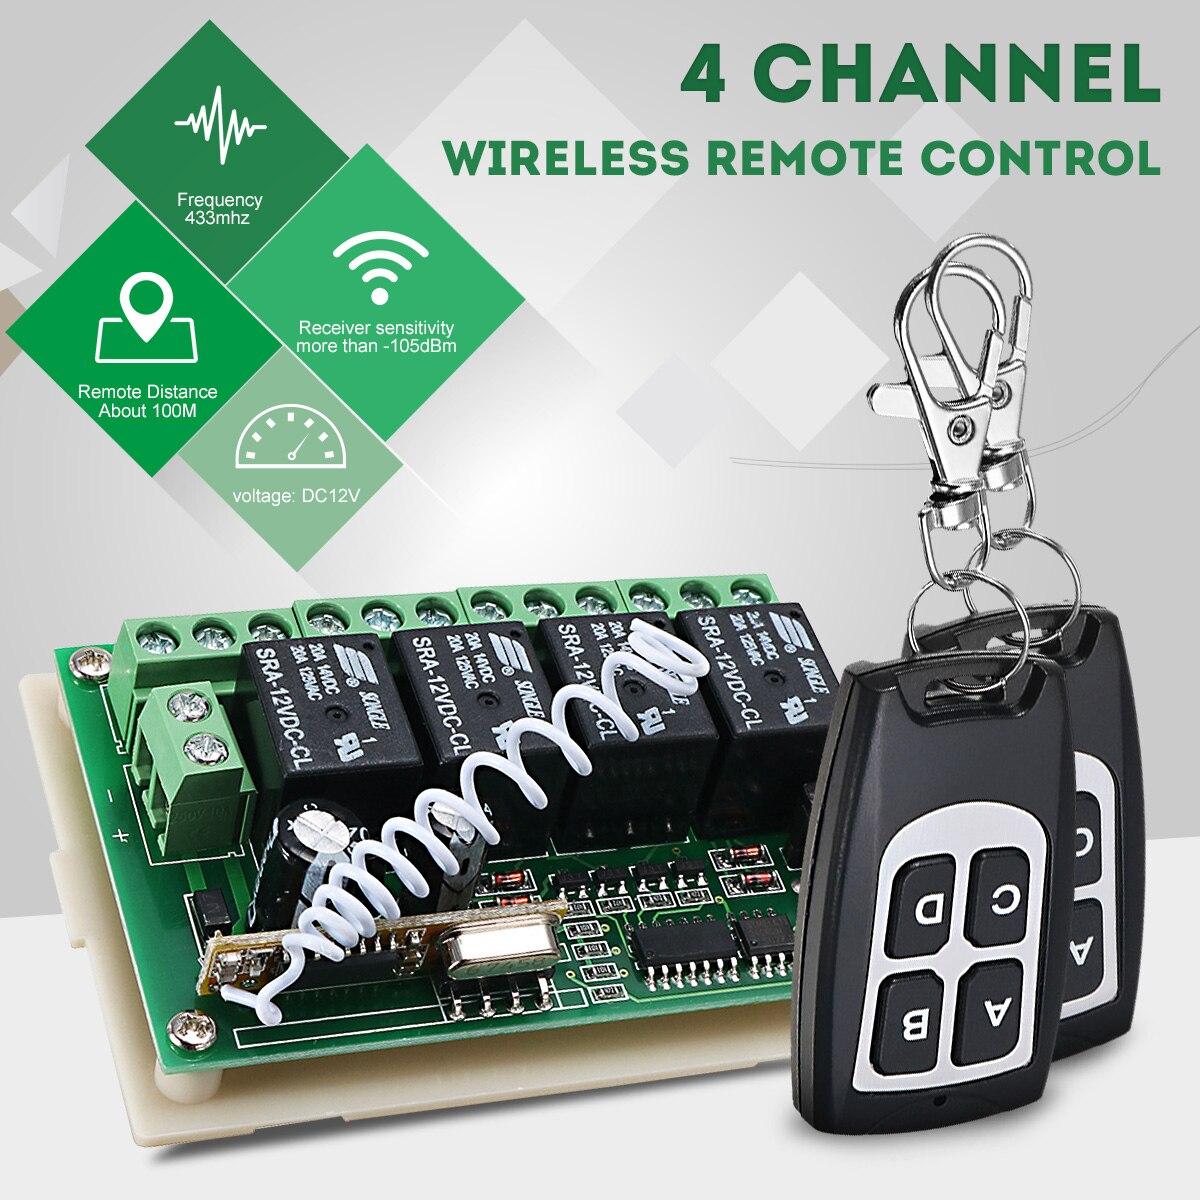 LEORY Universal Drahtlose Fernbedienung 12 v 4CH Kanal 433 mhz Schalter Integrated Circuit 2 Sender DIY Ersetzen Teil Werkzeug